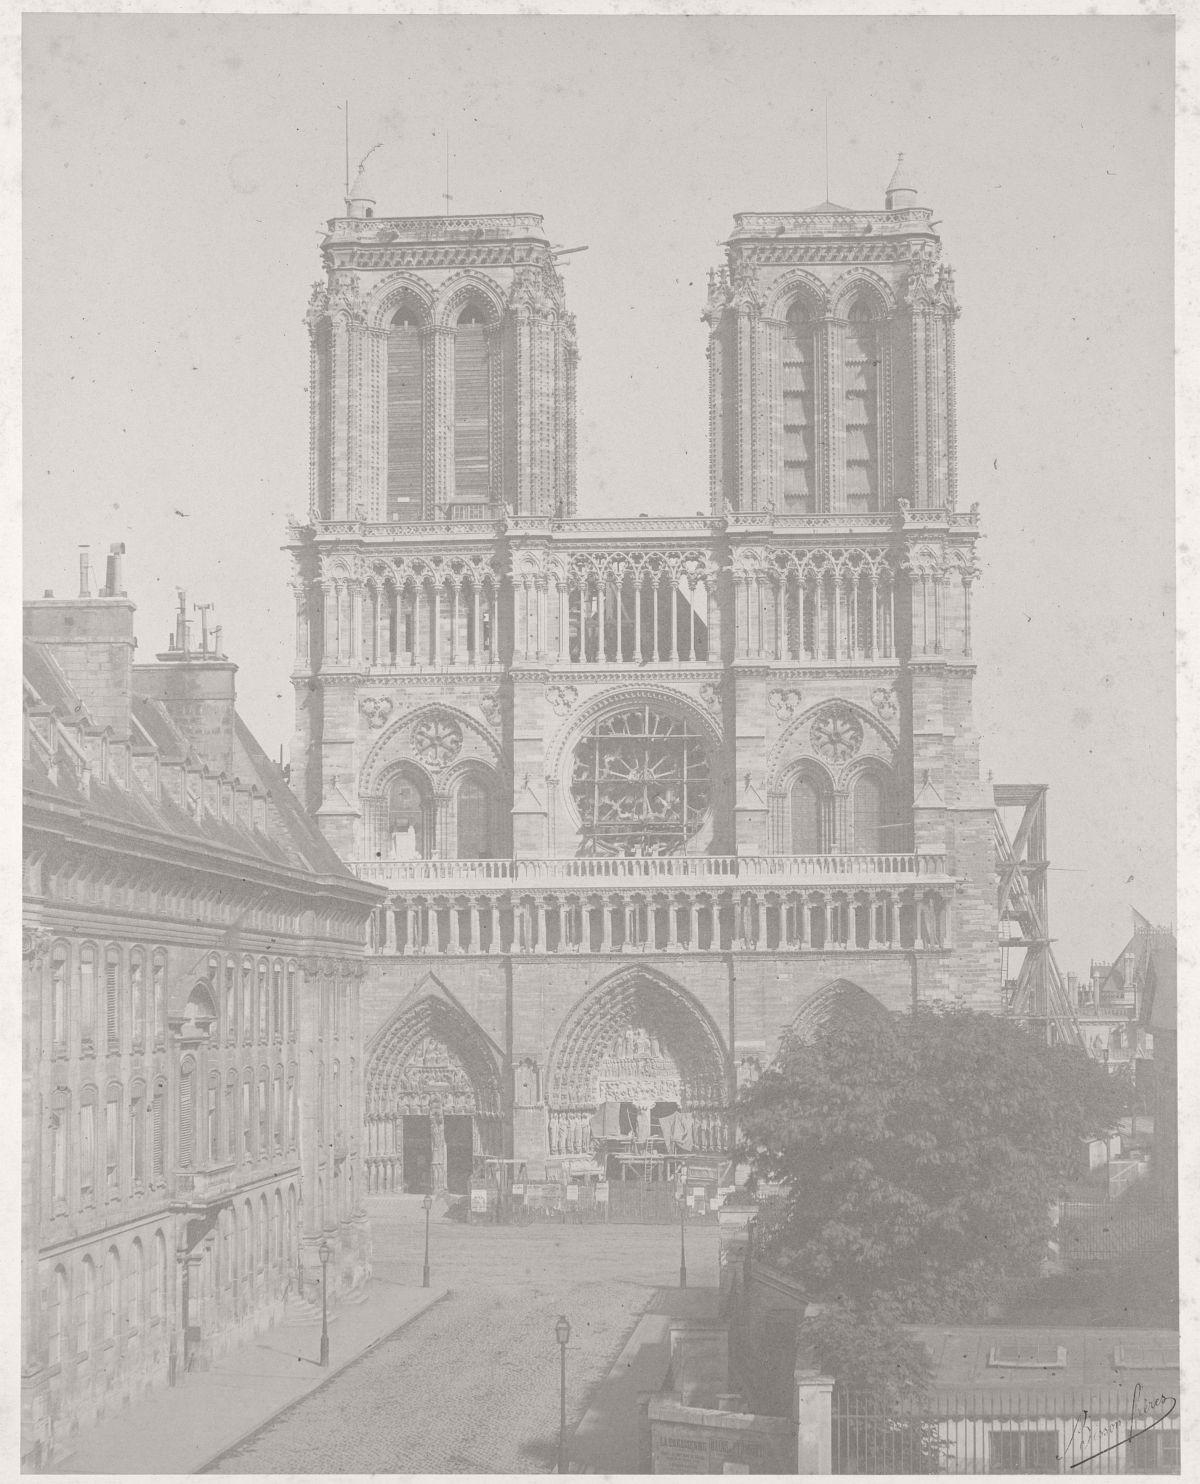 Notre Dame, Paris, 1850s.